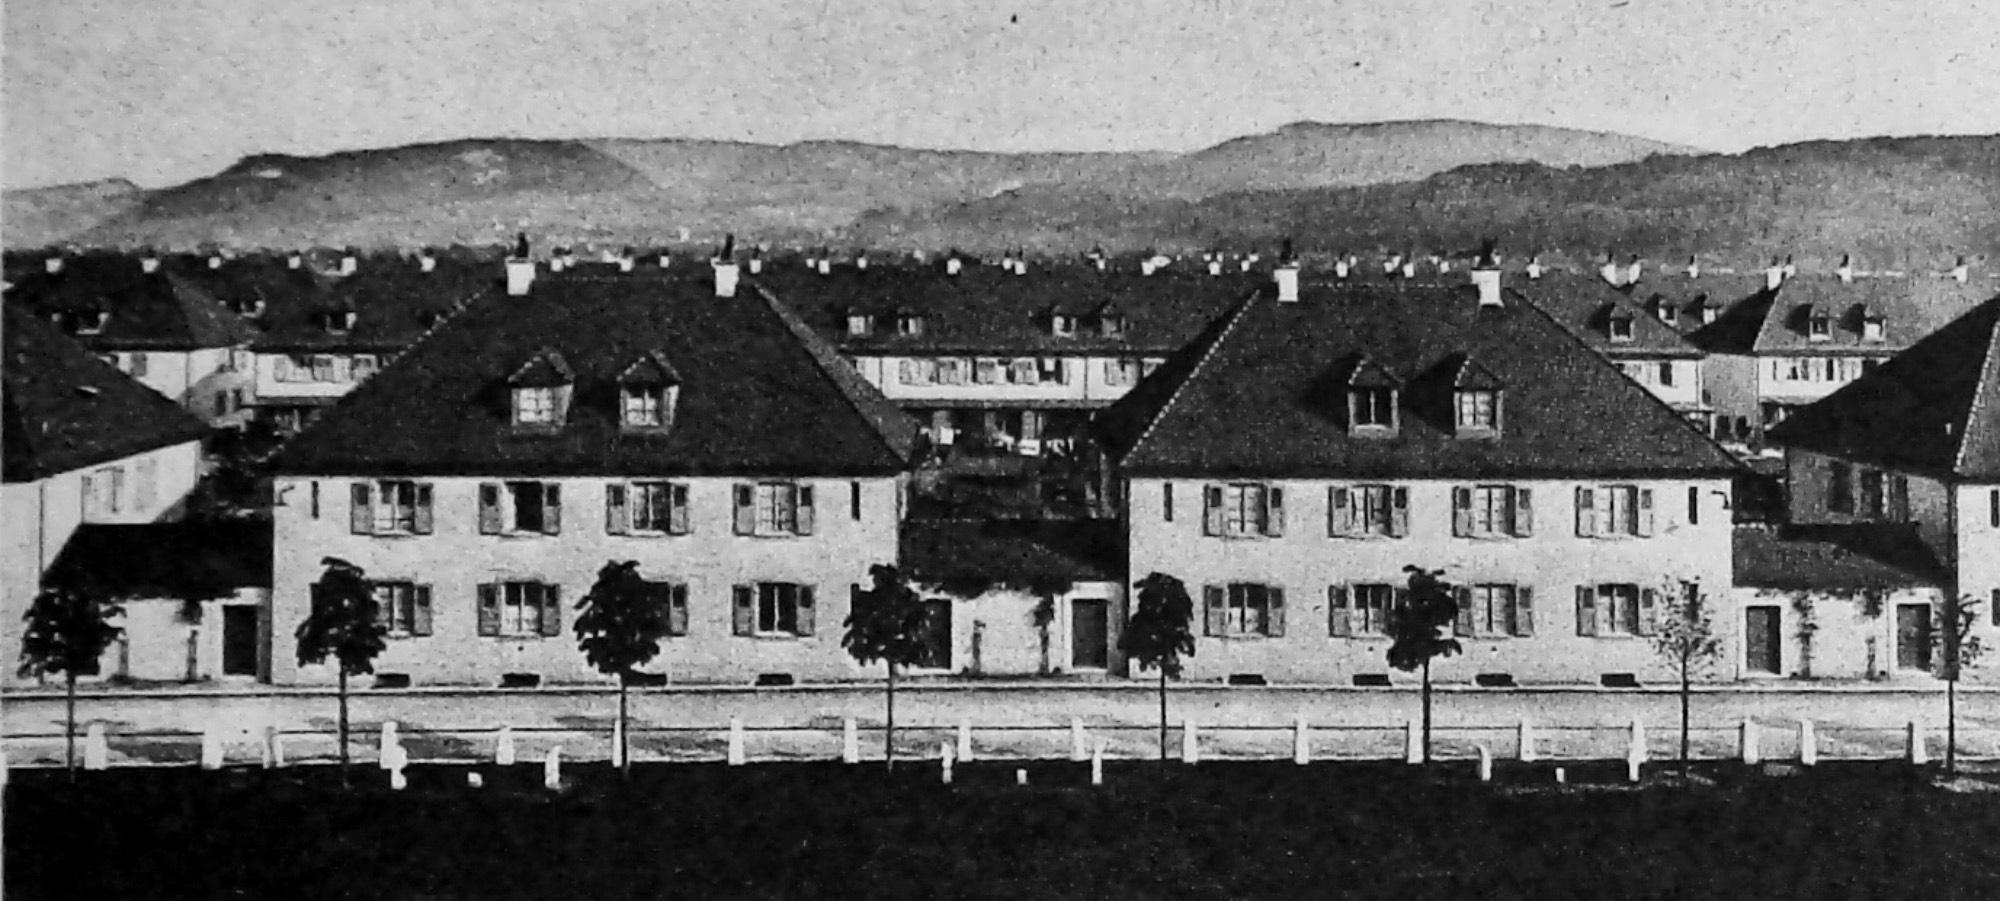 Ριζοσπαστικές Συλλογικότητες: Μορφές Κατοίκισης στο Freidorf Estate του Hannes Meyer¹